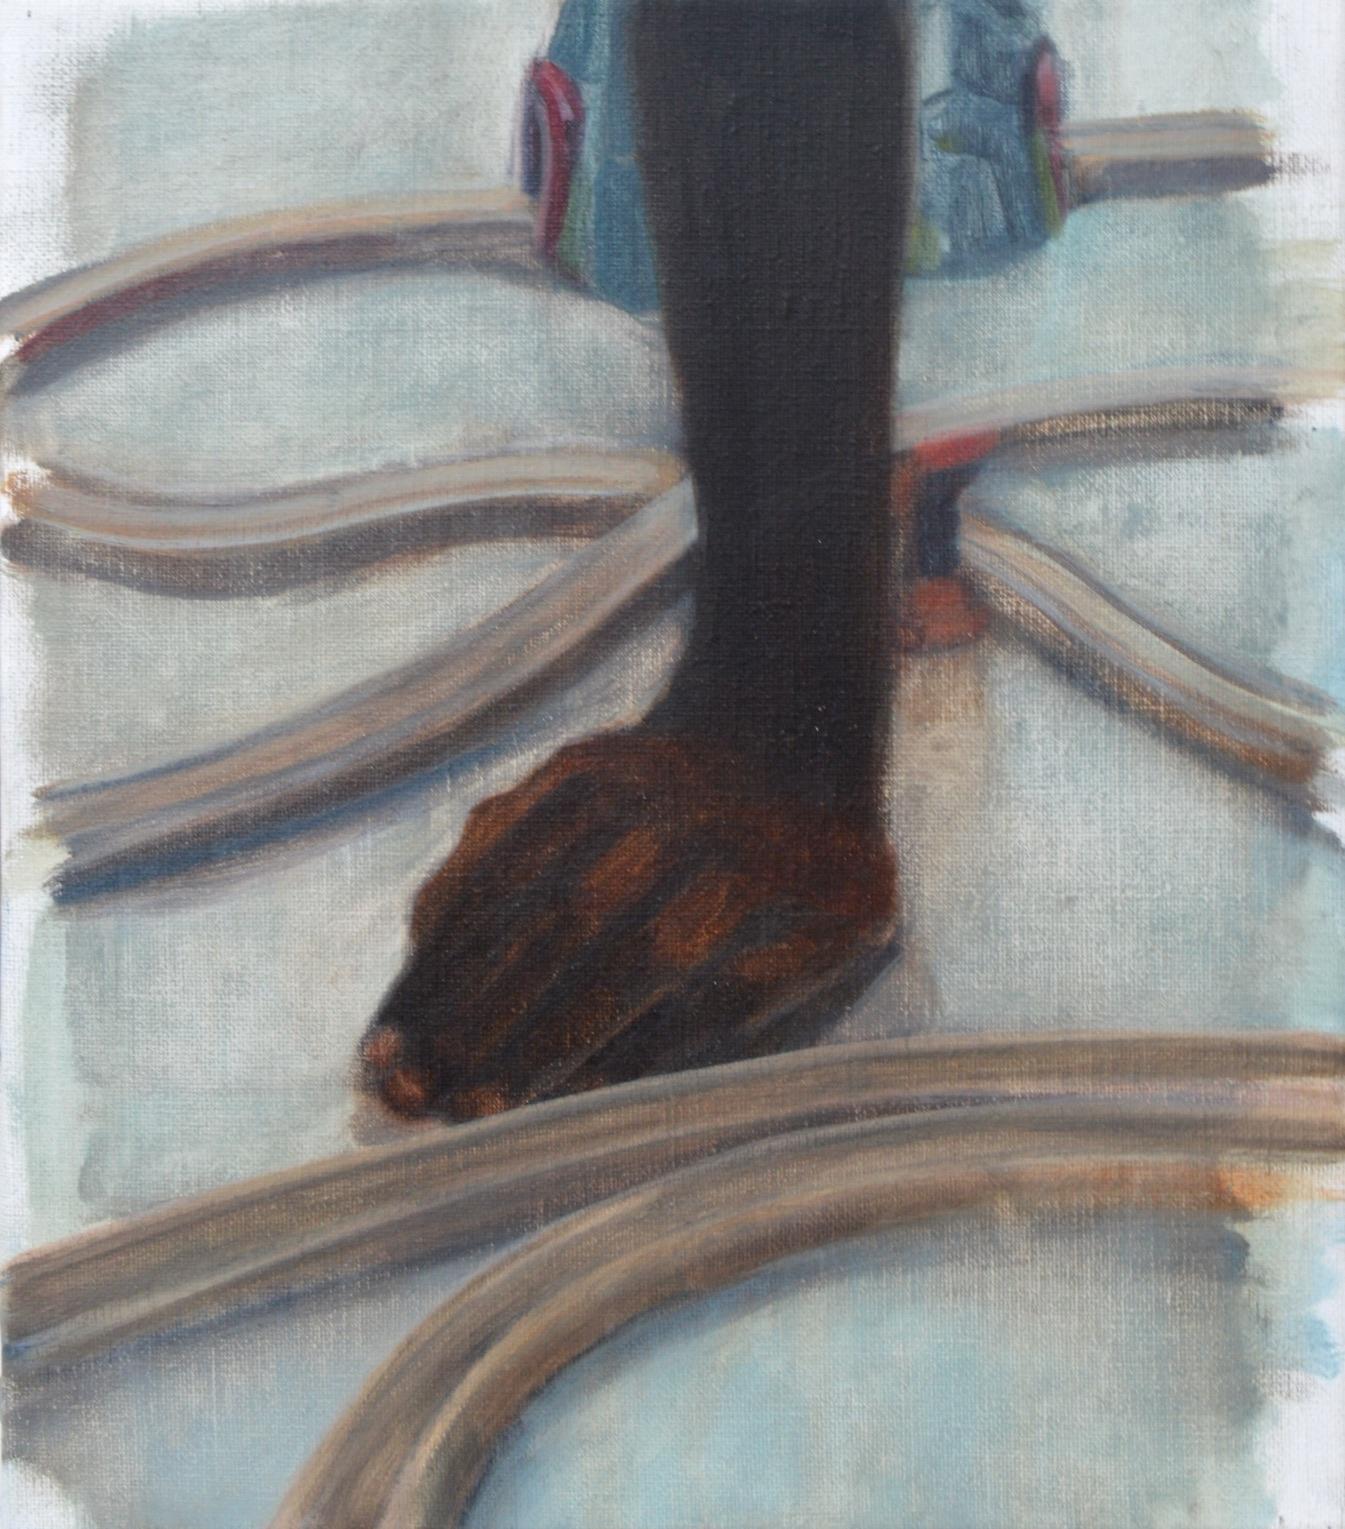 Parcours, 2015, 30 x 24 cm, huile sur toile